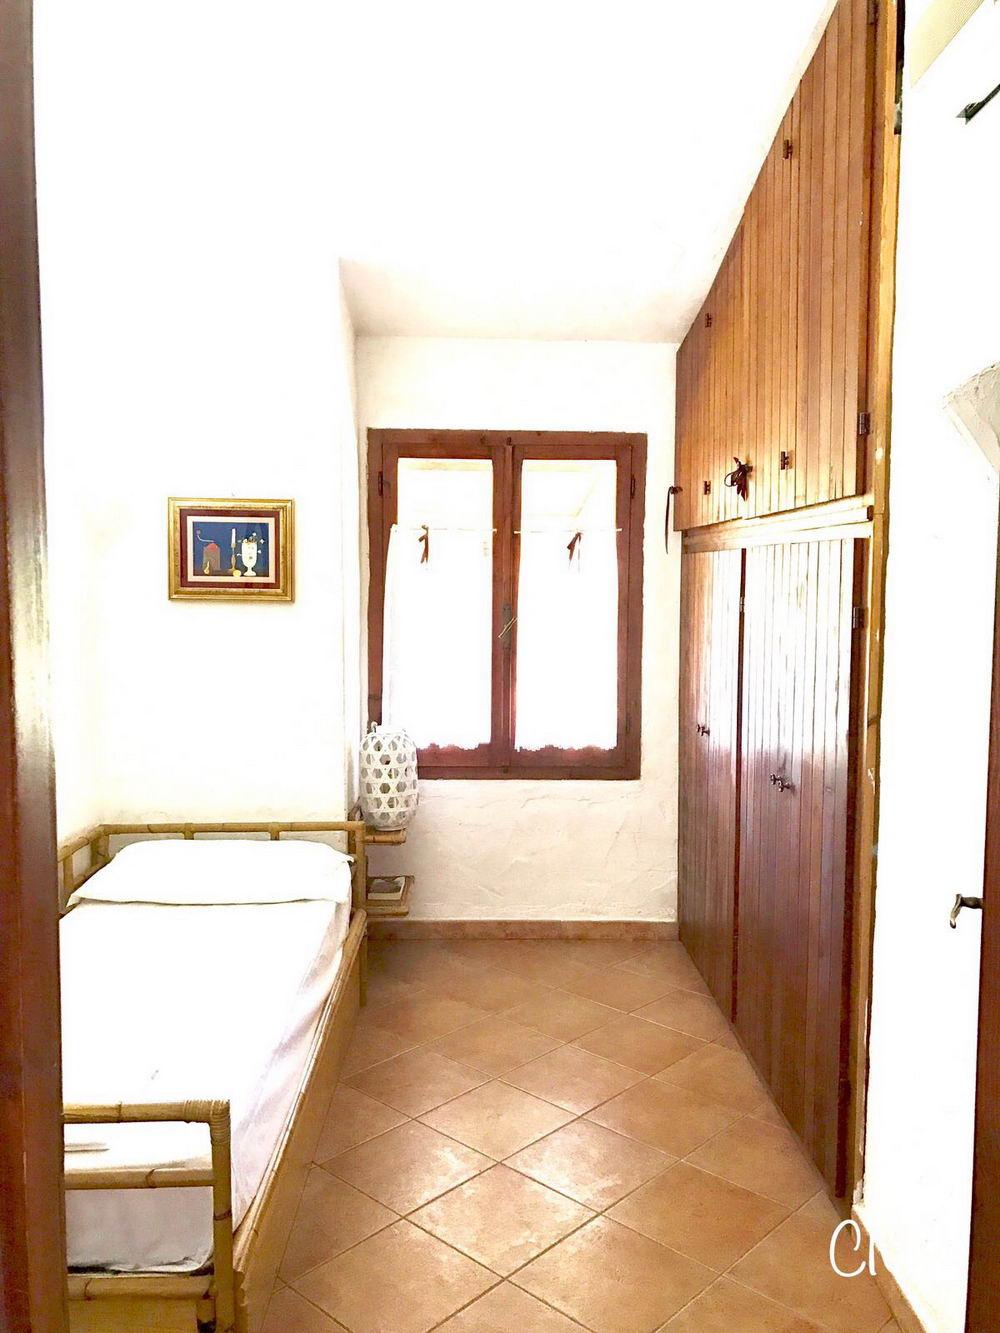 Villa bianca immobiliare simius affitti case vacanze for Pianta del piano casa di 800 piedi quadrati